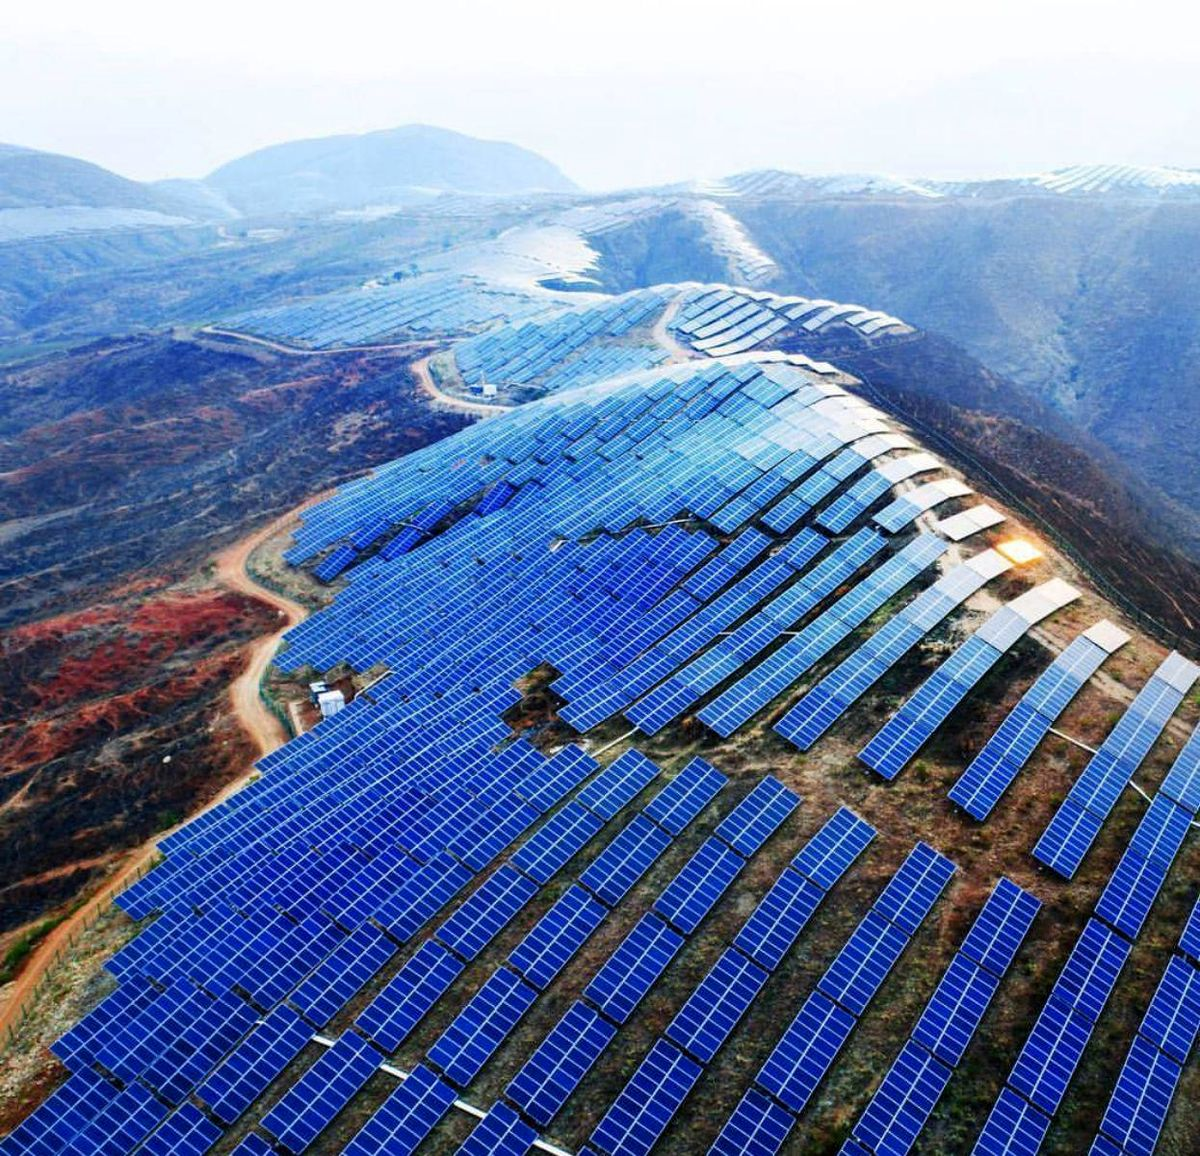 سهم نیروگاههای خورشیدی در تولید برق چقدر است؟